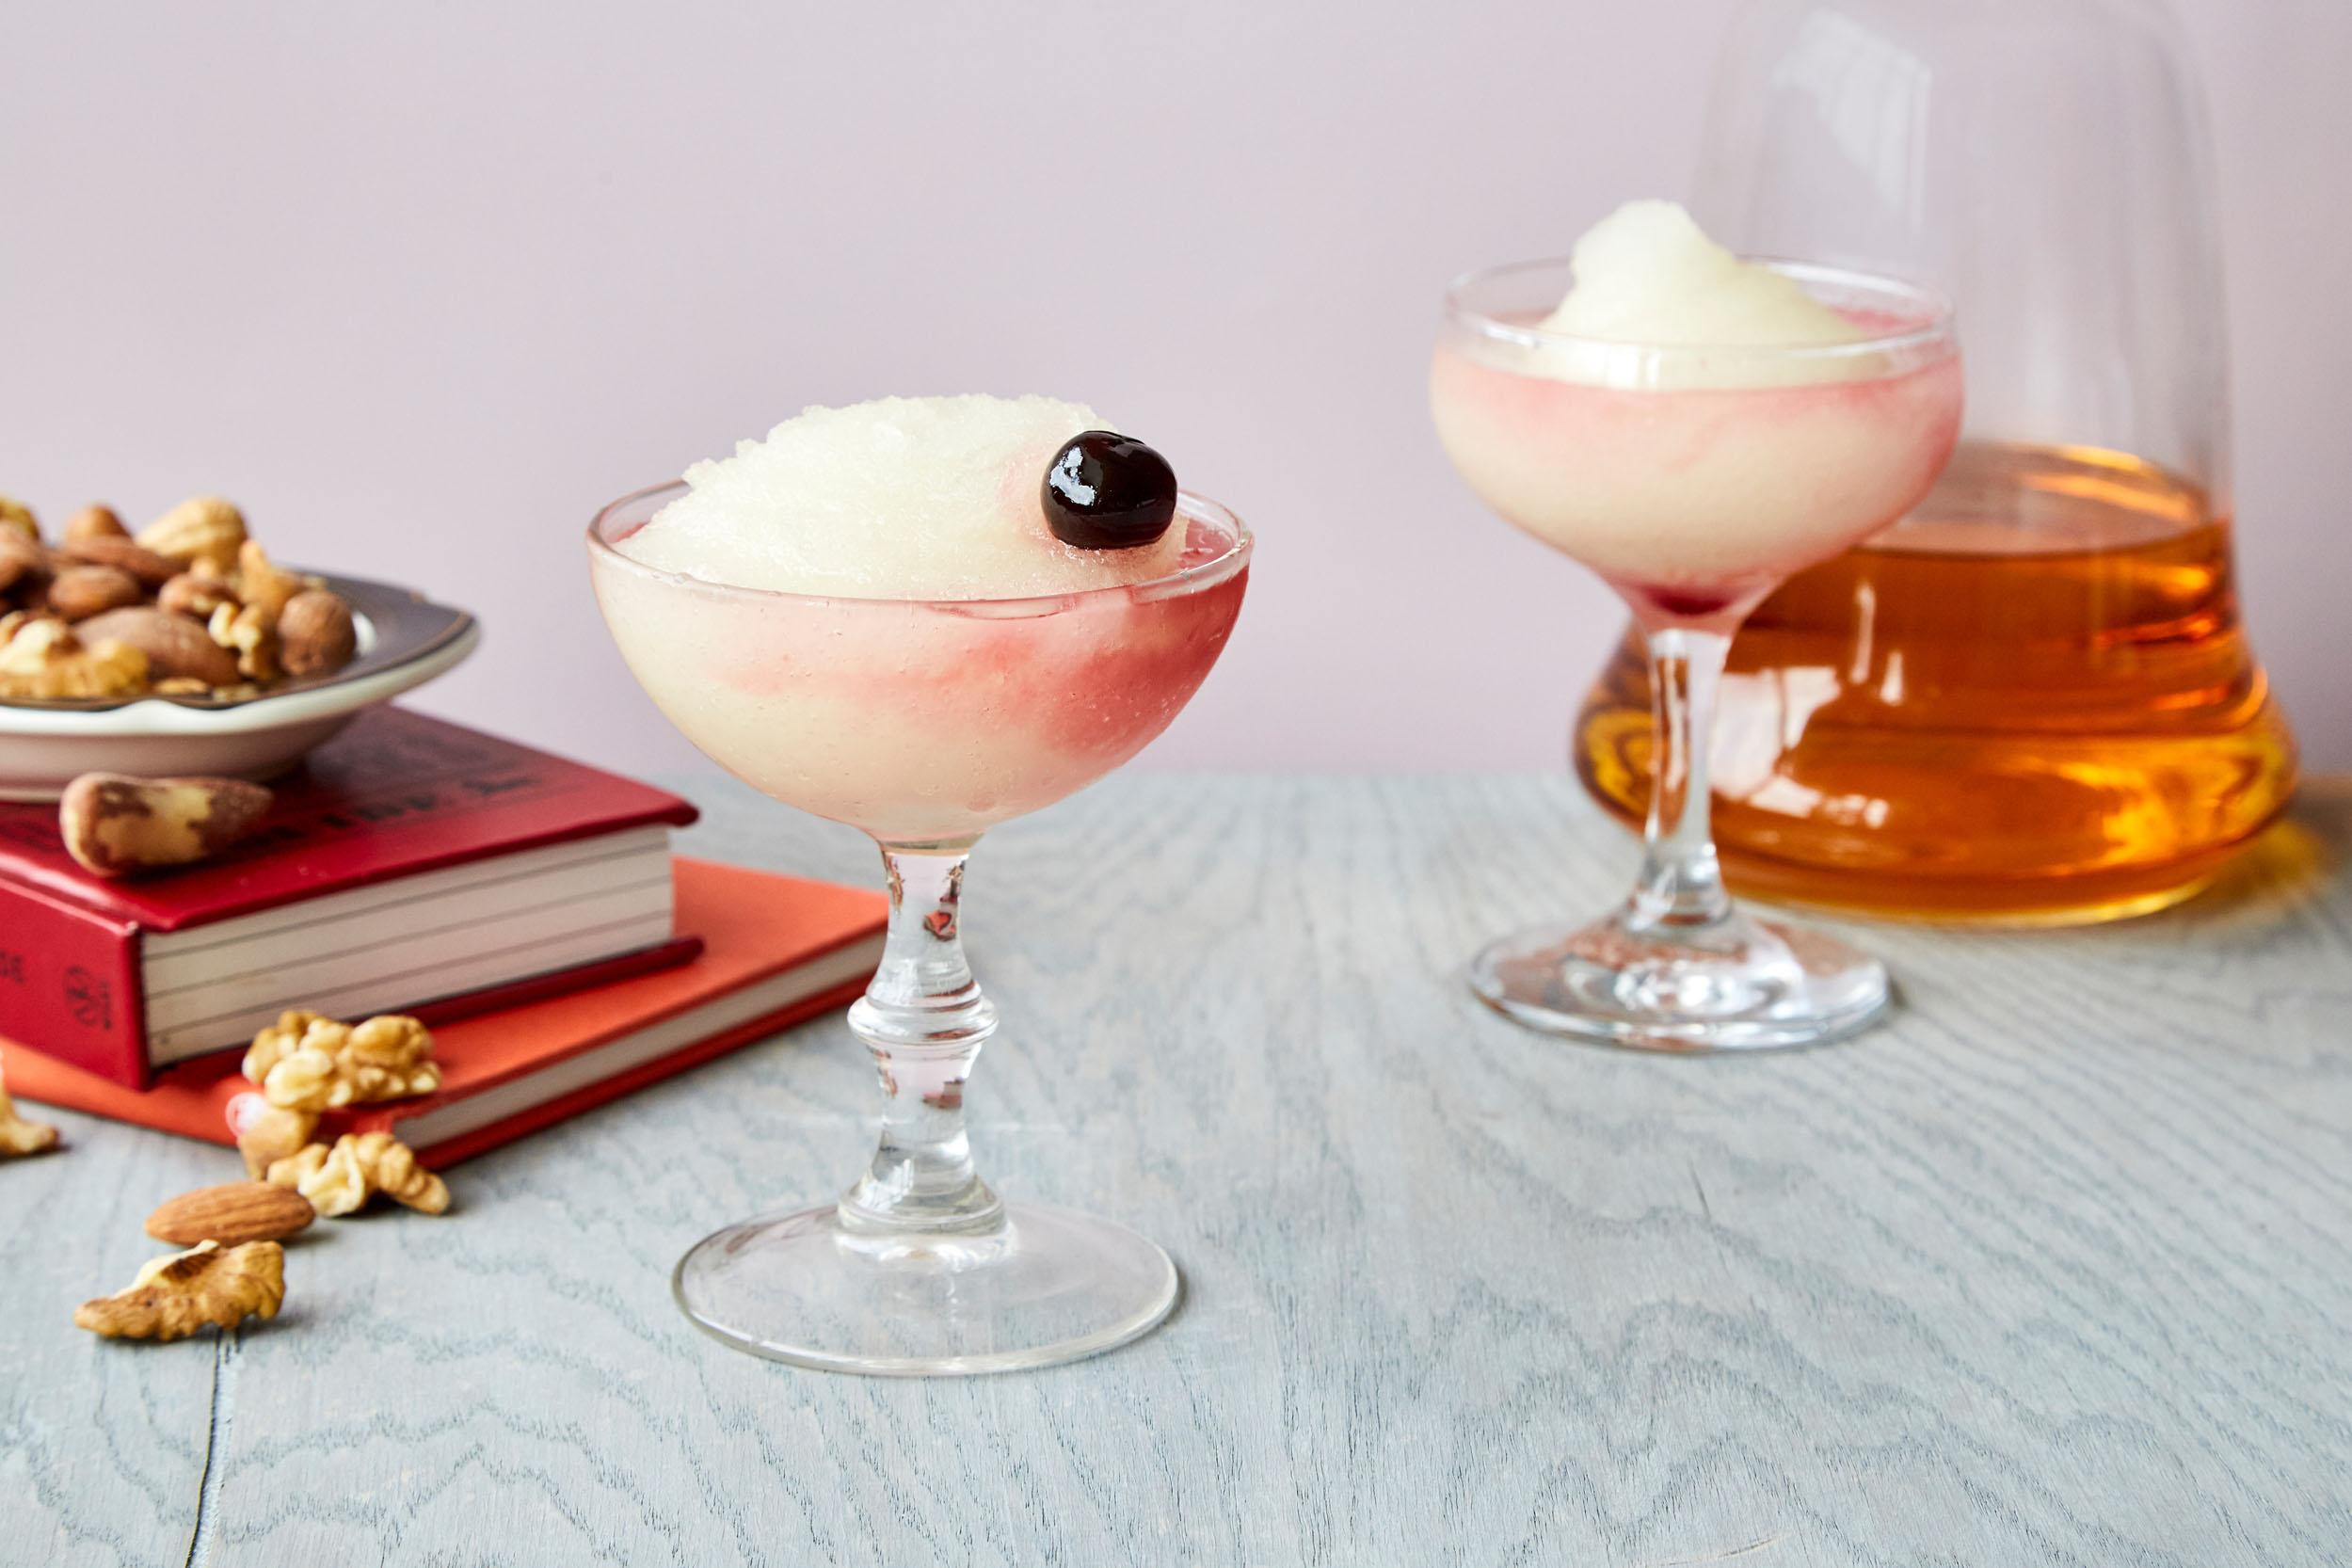 hemingway daiquiri - Kelvin Citrus & Margarita Slush Mix, Rum,Maraschino Liqueur, Grapefruit Juice